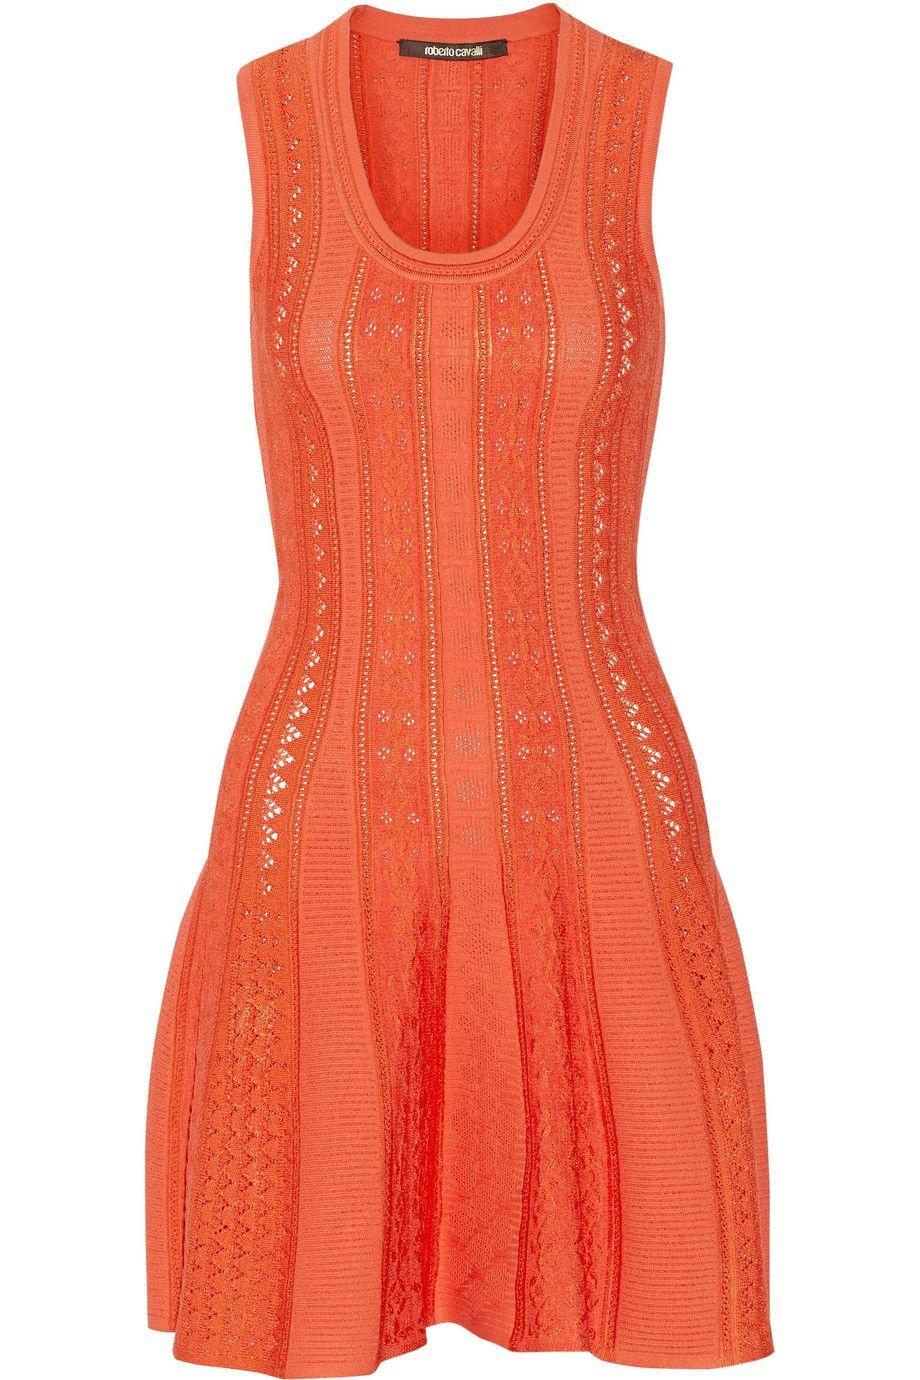 ROBERTO CAVALLI Stretch-Knit Mini Dress. #robertocavalli #cloth #dress